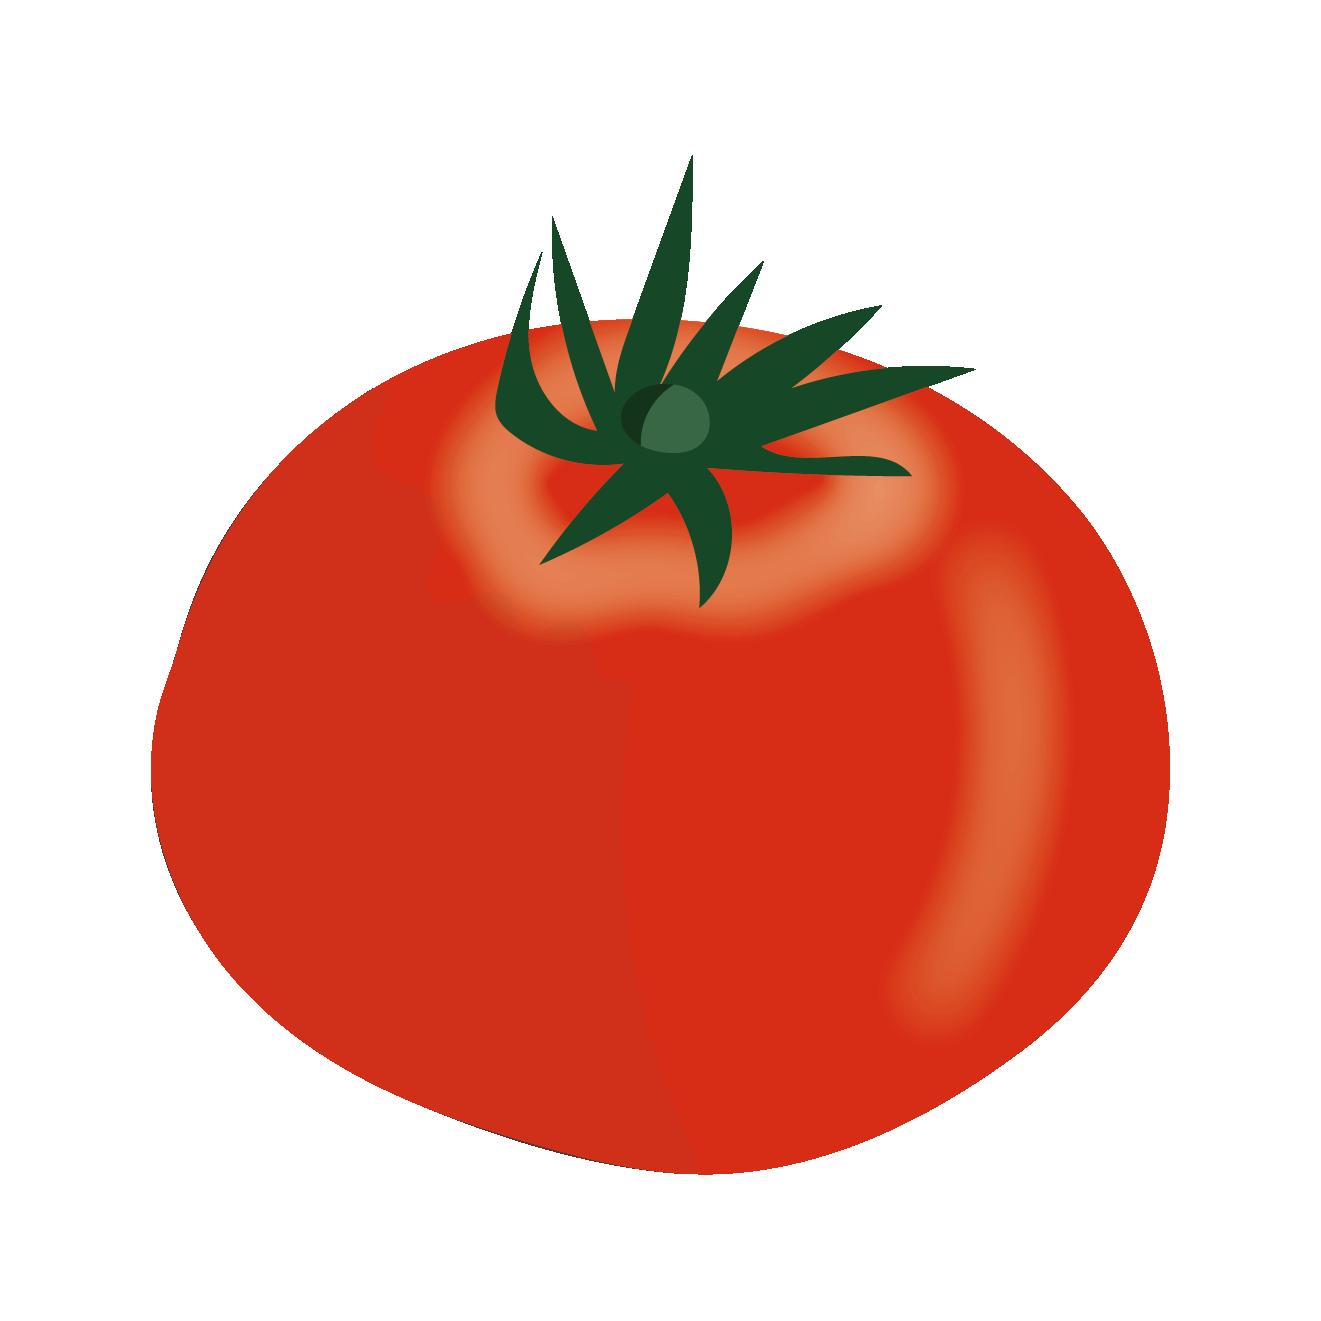 真っ赤なトマトのイラスト野菜 商用フリー無料のイラスト素材